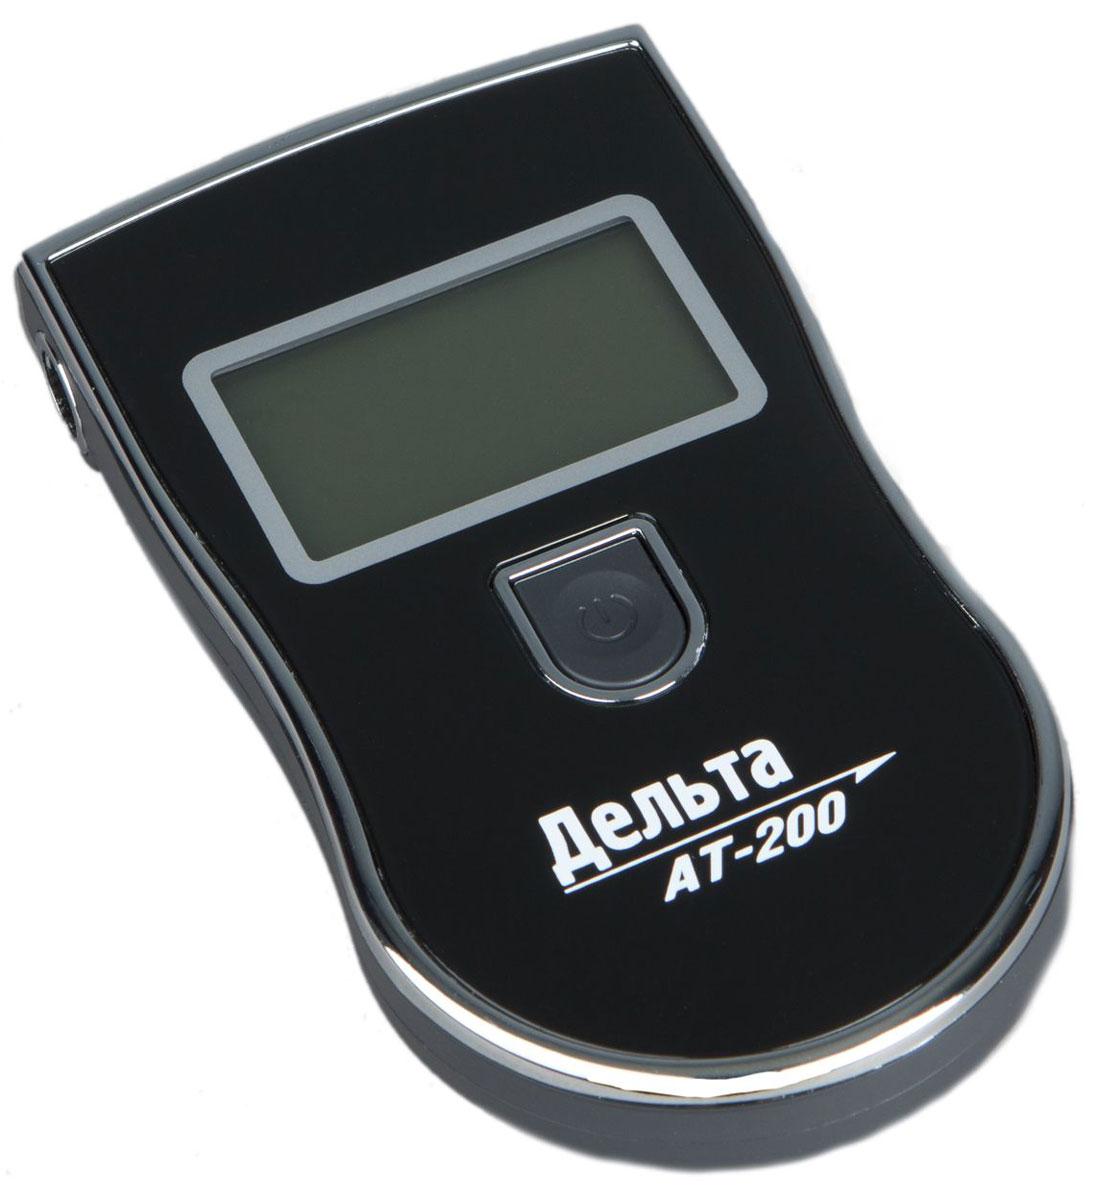 Дельта АТ 200, Black алкотестер2012506202008Персональный алкогольный тестер Дельта АТ-200 предназначен для определения содержания паров алкоголя в выдыхаемом воздухе. Имея небольшие размеры и встроенный отсек для сменных мундштуков (5 шт. в комплекте) он очень компактен и удобен в использовании. Концентрация алкоголя определяется высокотехнологичным полупроводниковым газовым сенсором - анализатором. Результат измерений выводится на удобный и большой жидкокристаллический дисплей. Диапазон: 0.00 - 1.99 промилле Погрешность: ± 10 % Время измерения: 5 с Время прогрева: 20 с Диапазон температур: -10...+ 50 °C Звуковой сигнал Хранение сменных мундштуков в корпусе